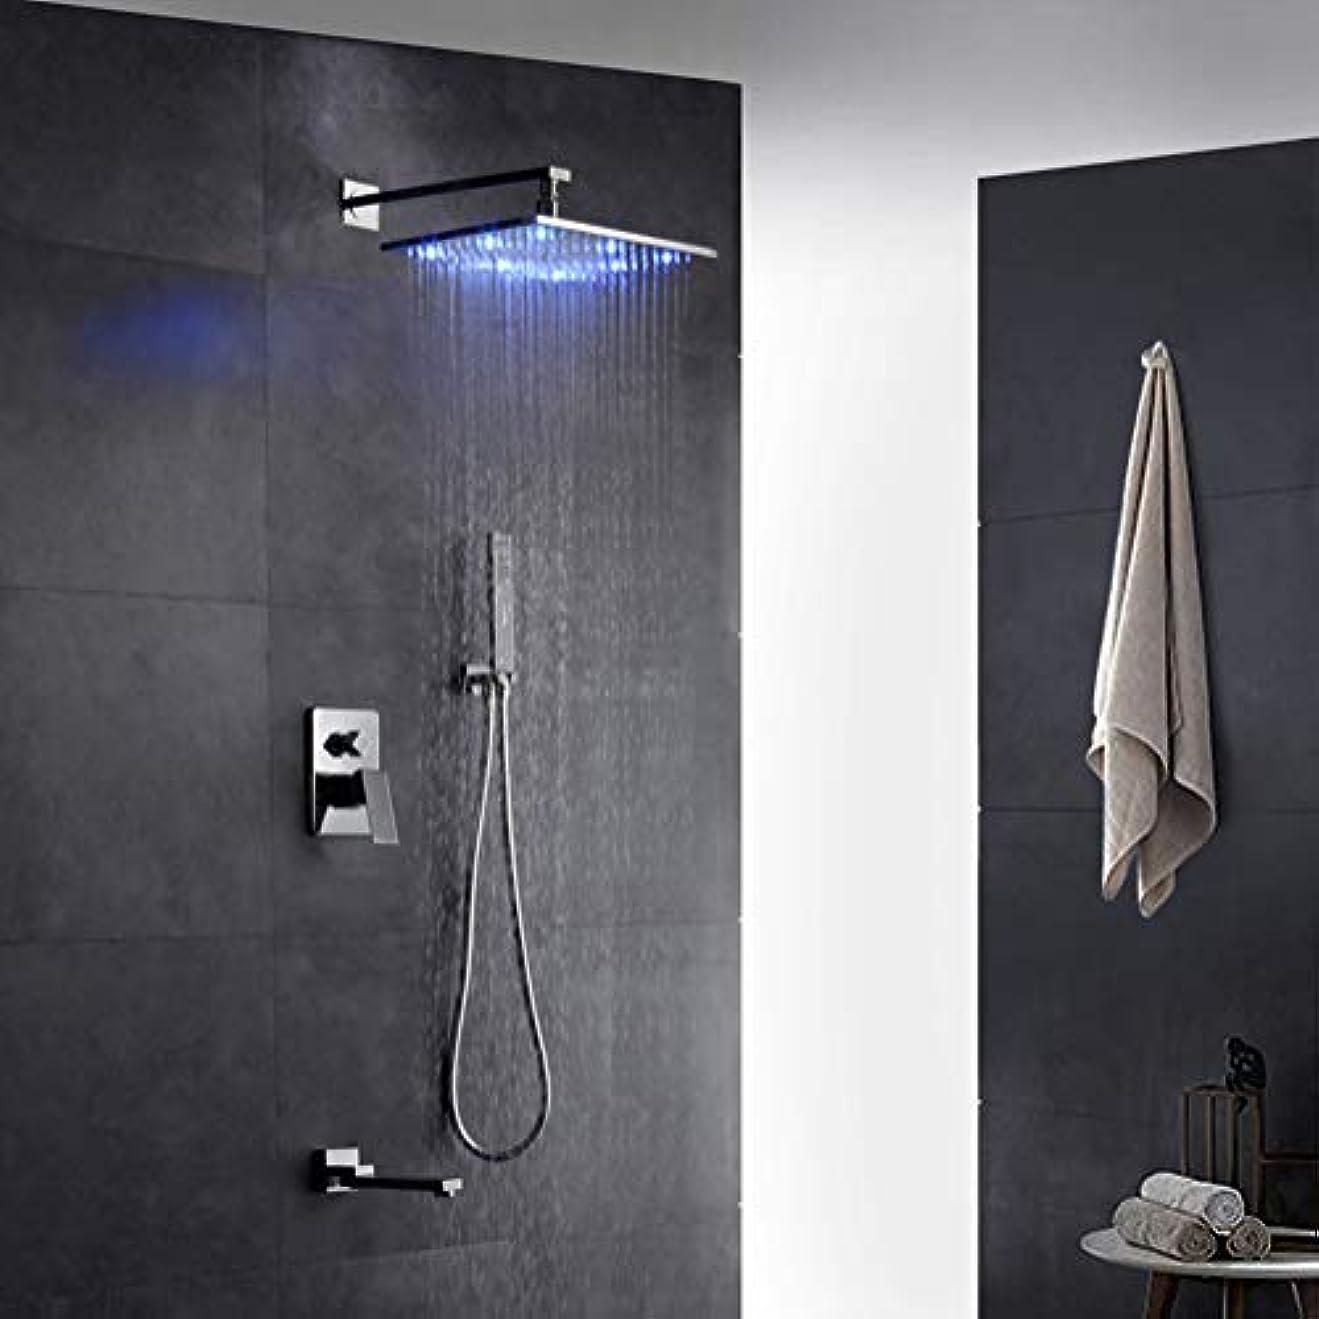 プラスプラットフォームフォアマンLEDシャワーシステム、LEDライトシャワー蛇口セットスクエアシャワーヘッド色を変更するハンドシャワーバスシャワーシステム蛇口蛇口インウォールミキシングバルブスイッチシャワーセット